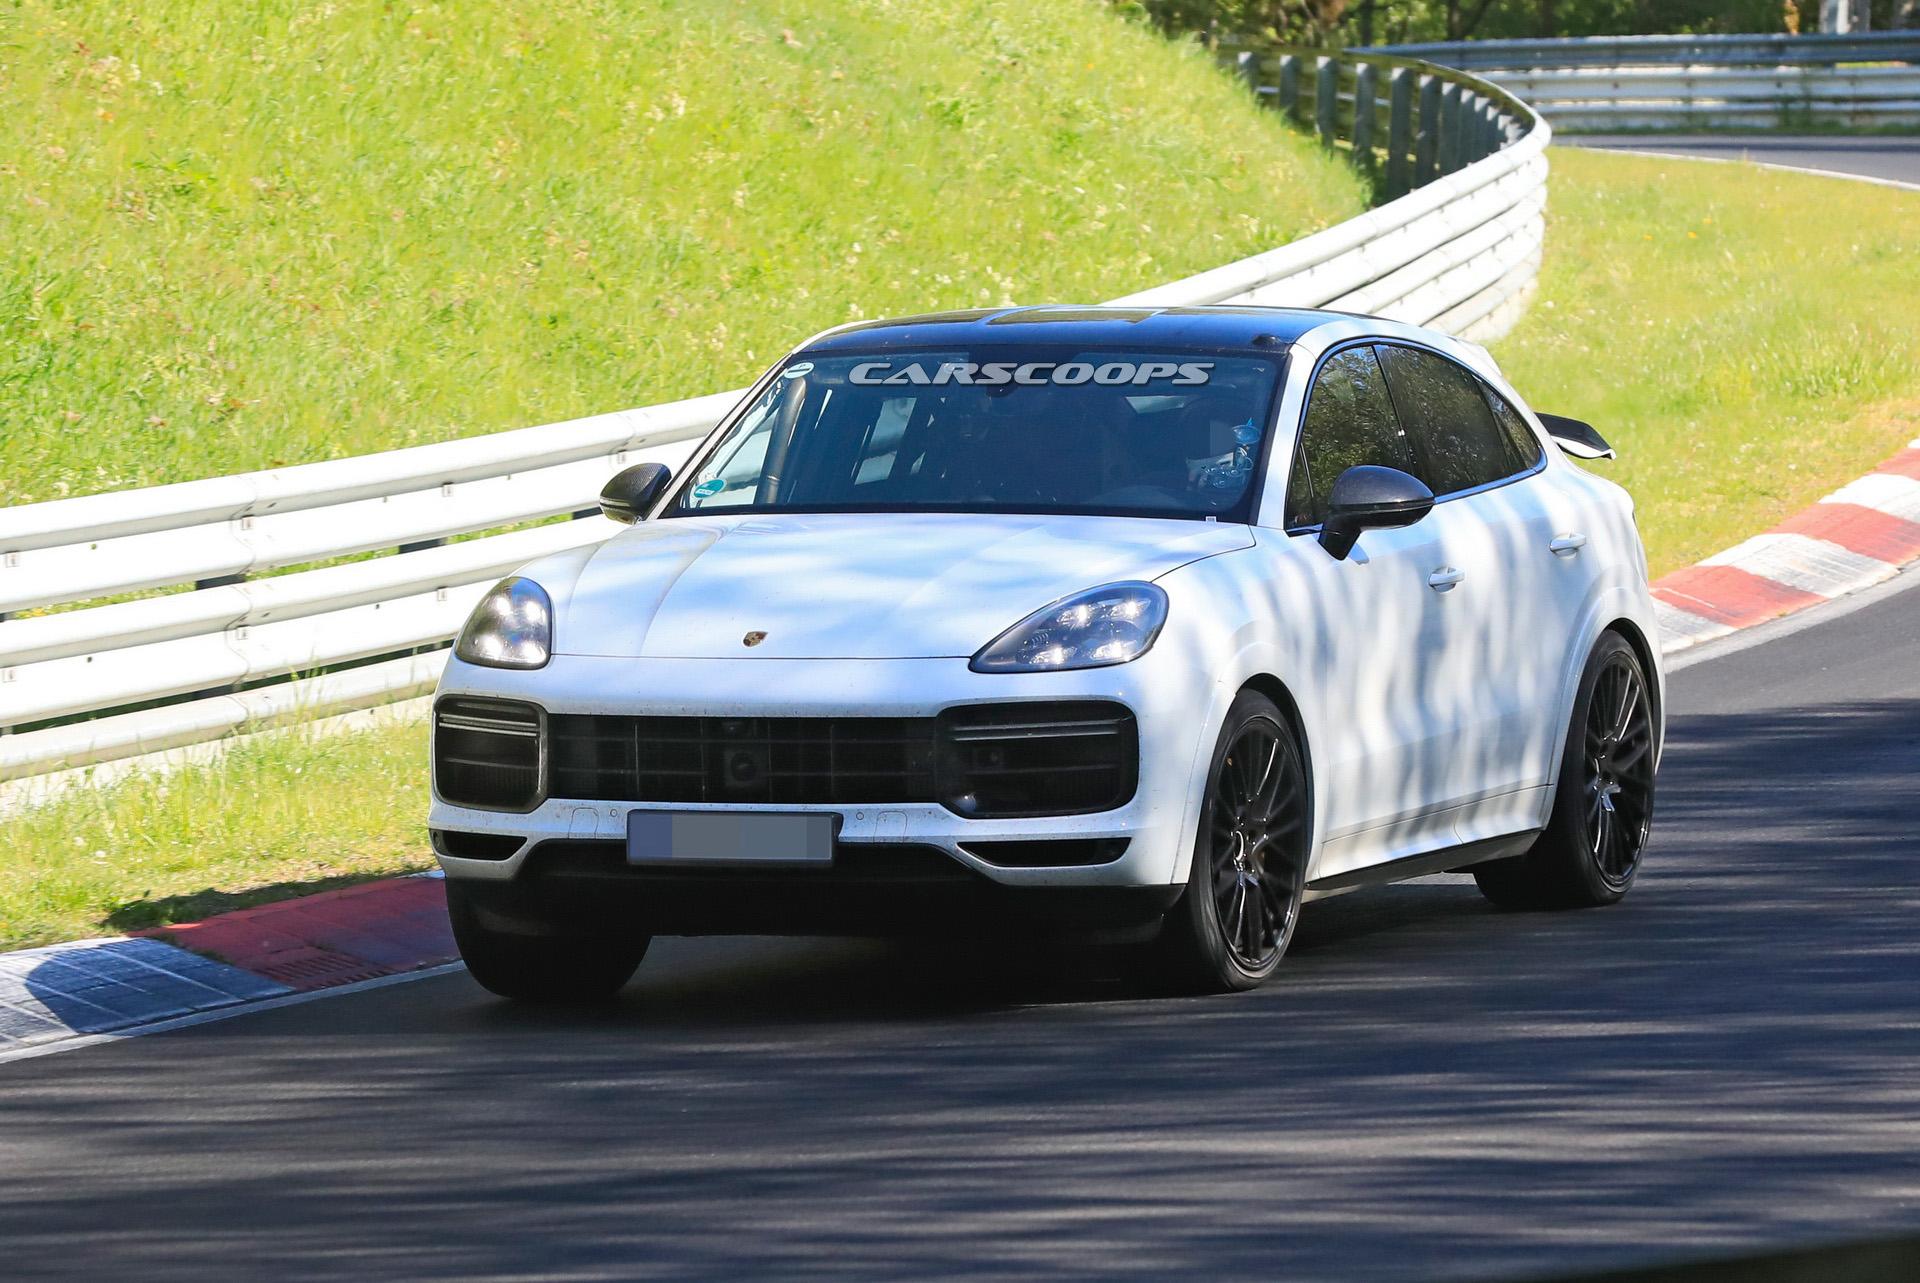 2019 [Porsche] Cayenne coupé - Page 6 2021-p20